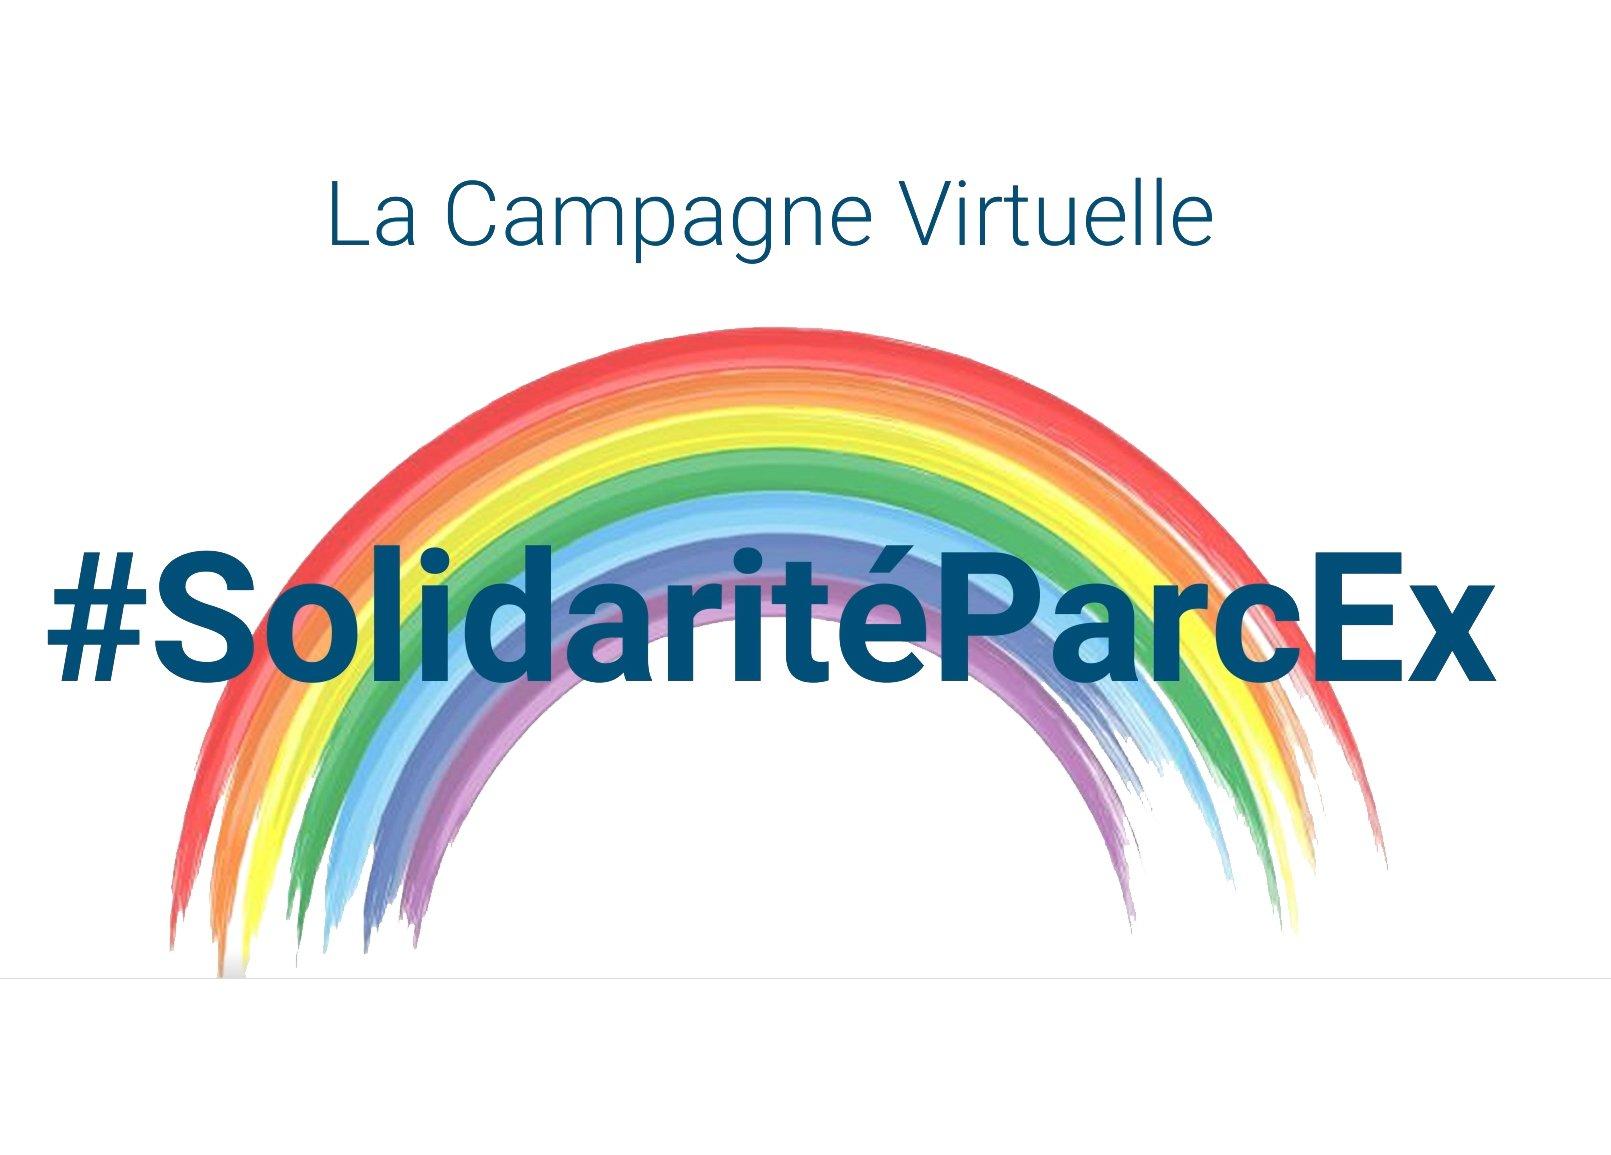 solidariteparcex